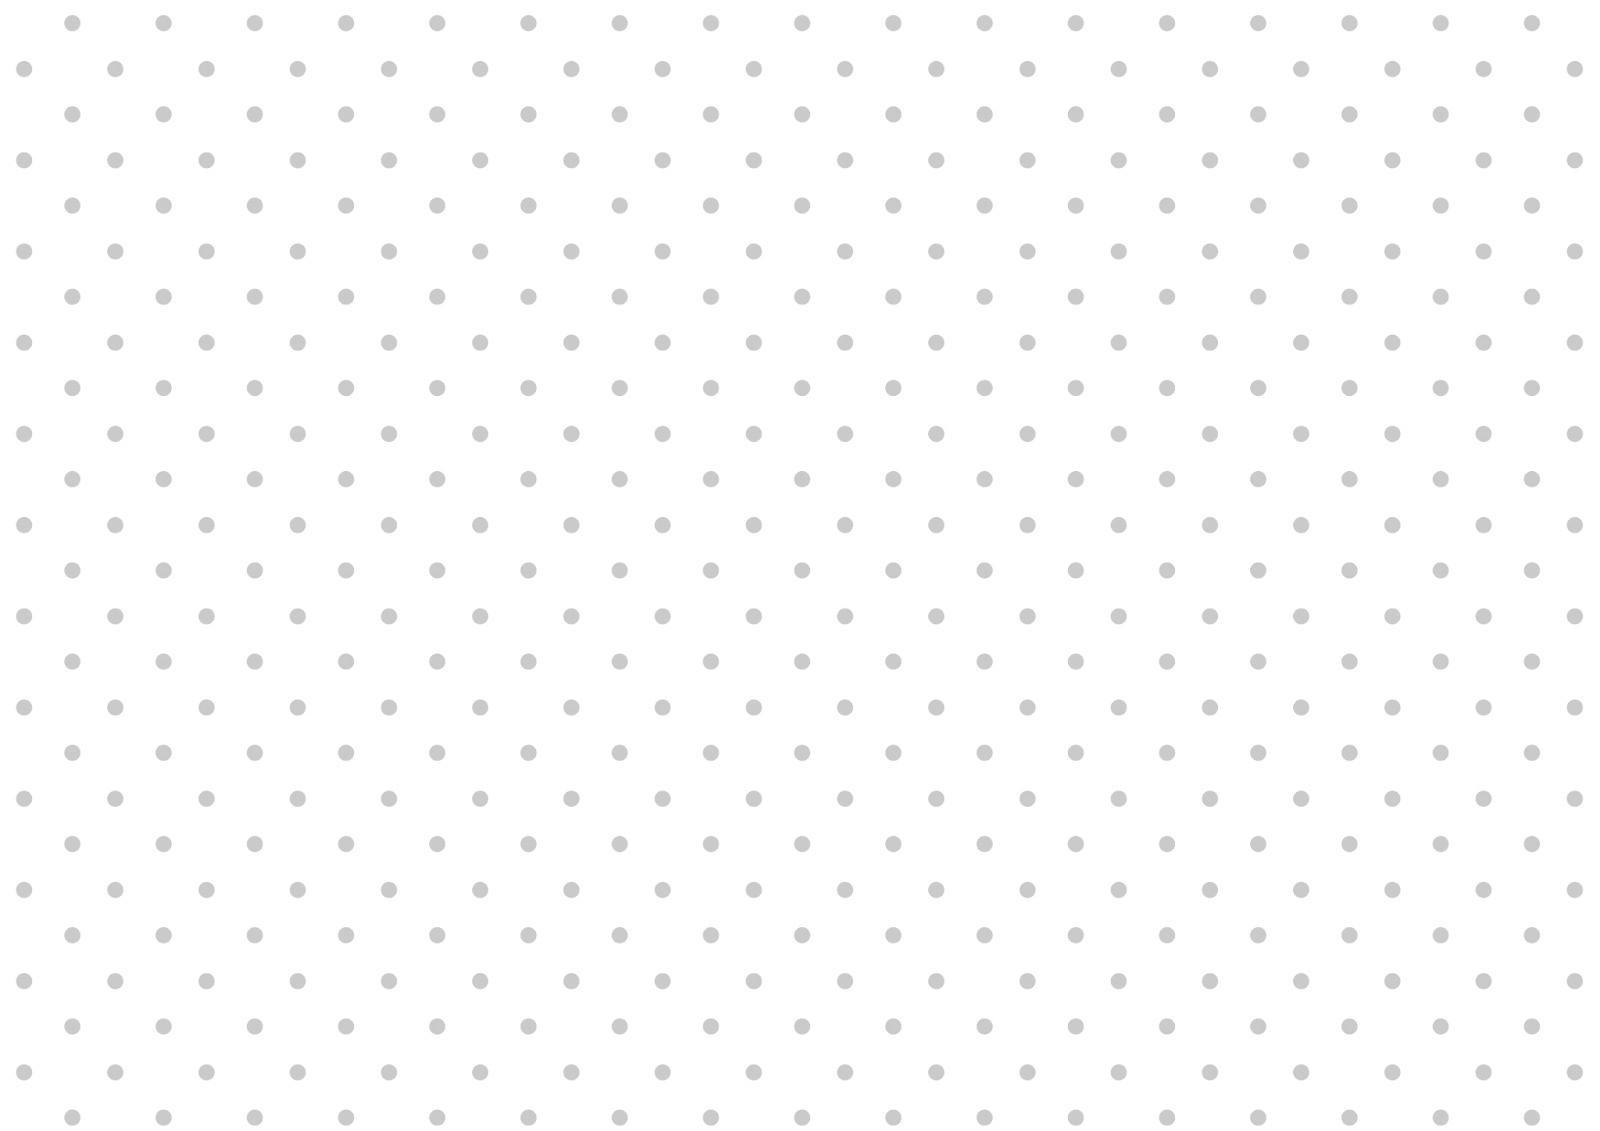 dot-pattern-11